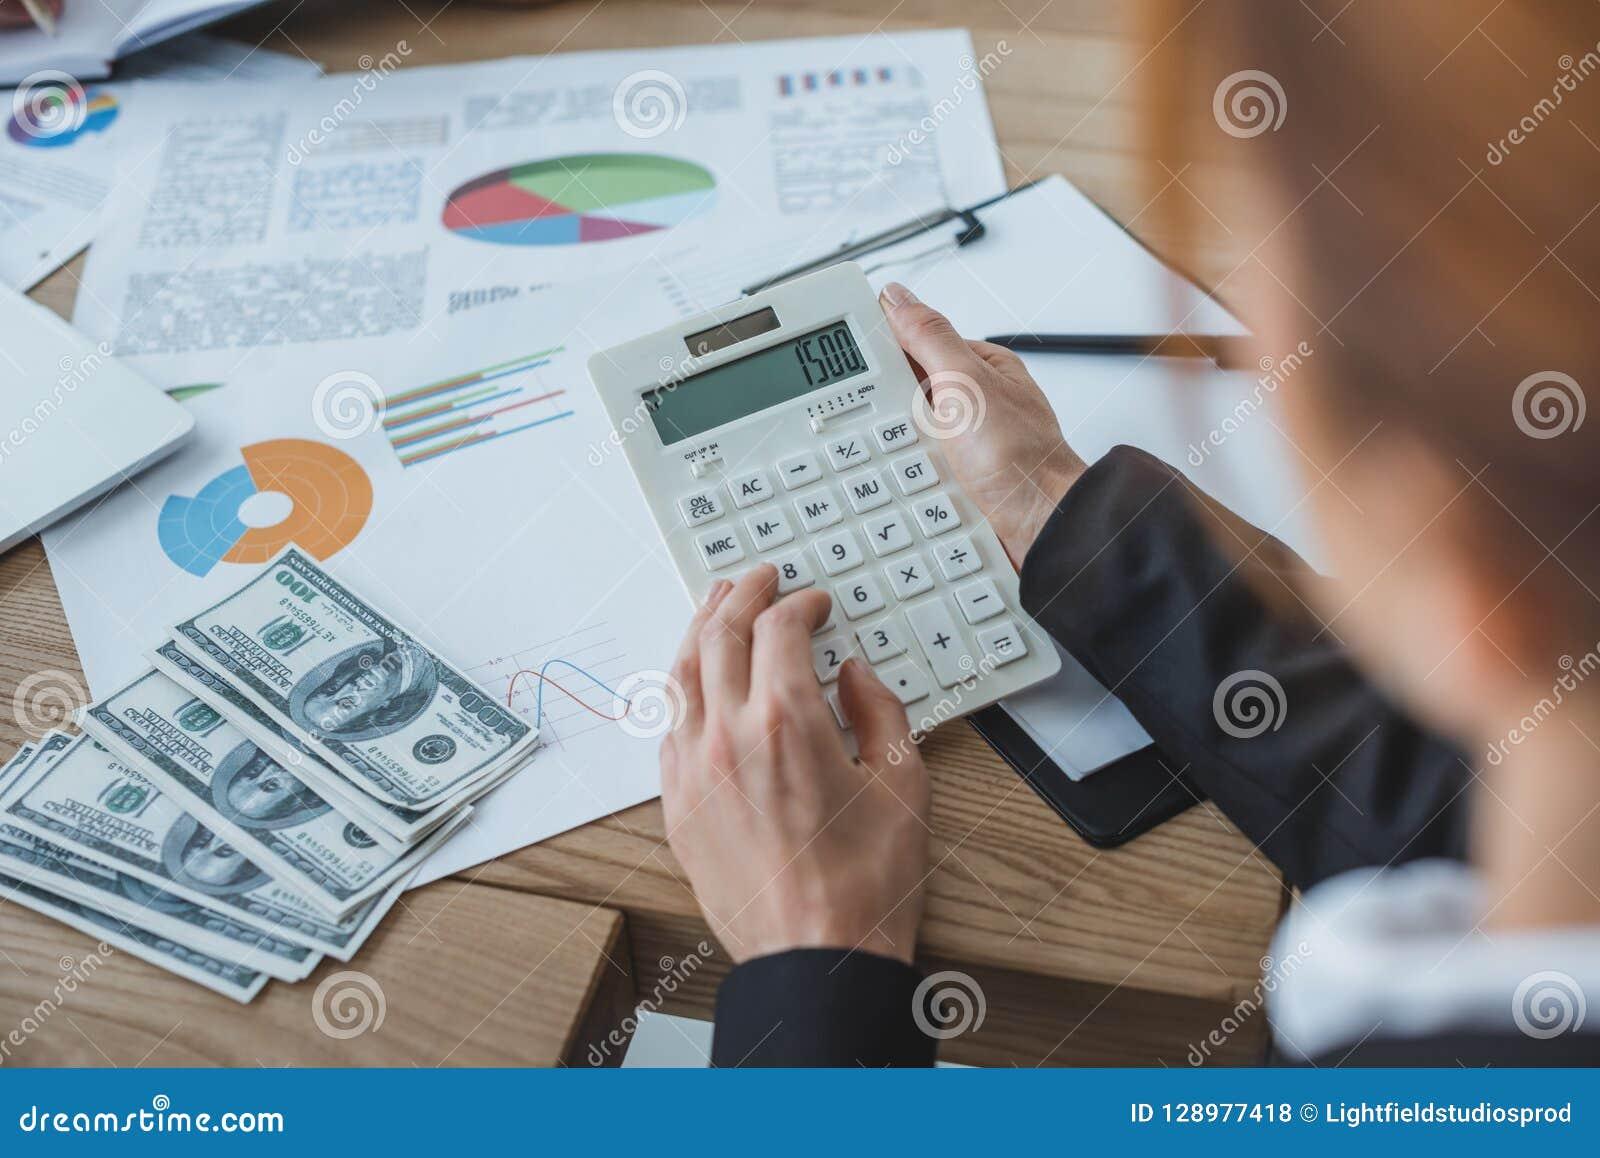 Geerntetes Bild des Finanziers, der Taschenrechner bei der Arbeit verwendet